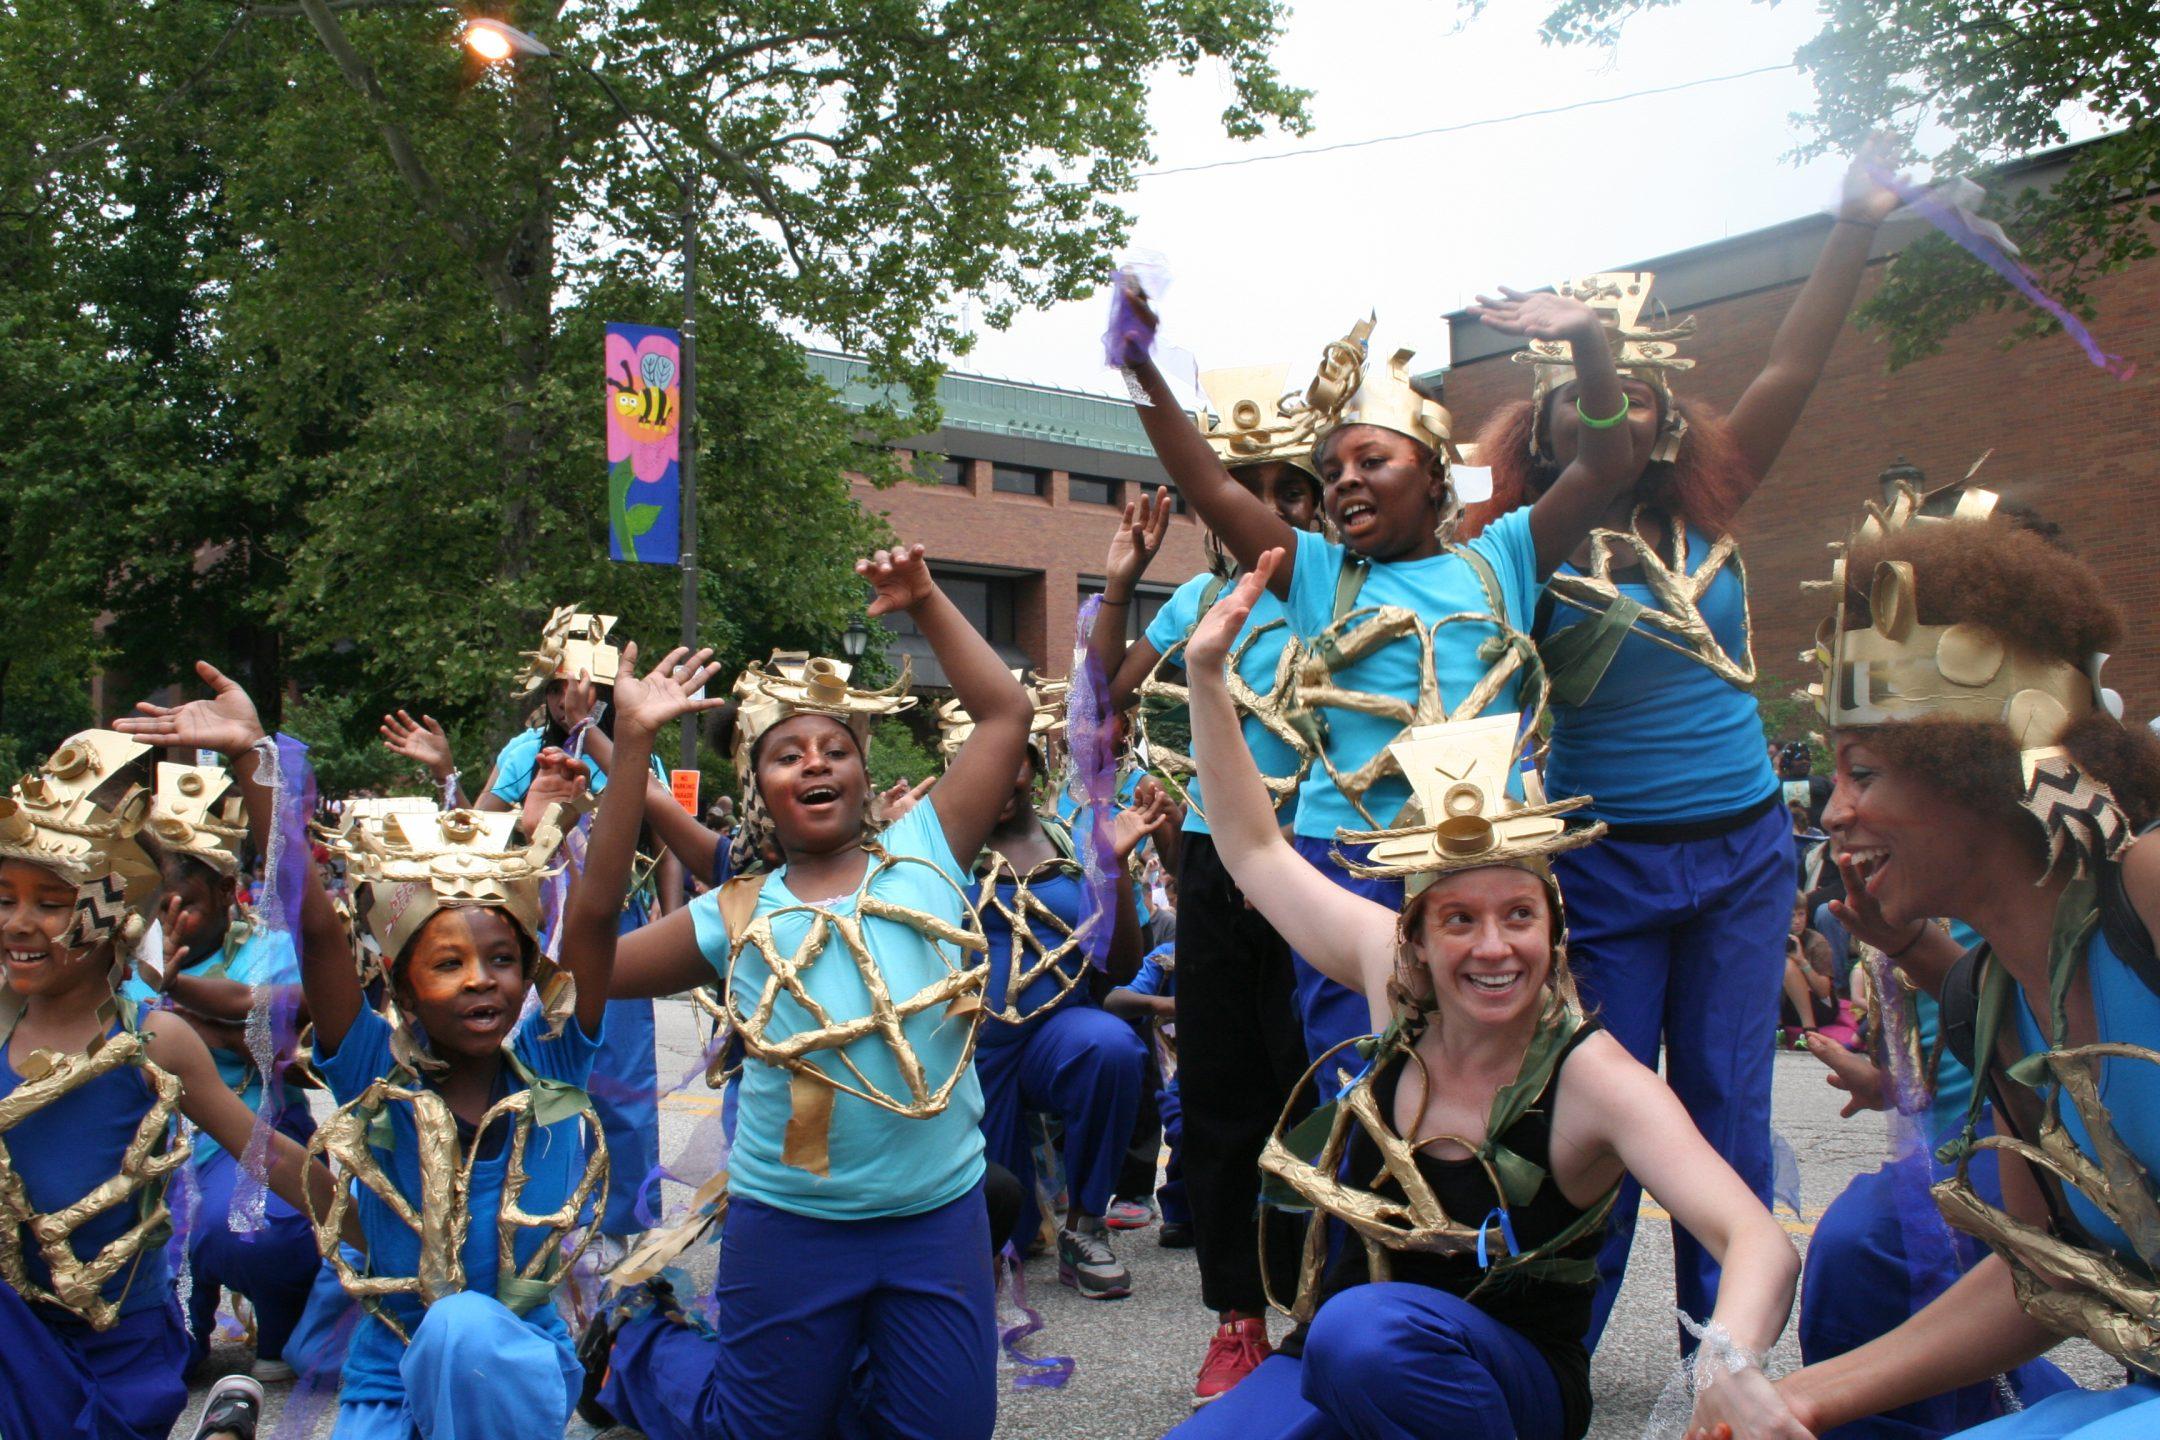 CMHA CAN at Parade the Circle, June 2015